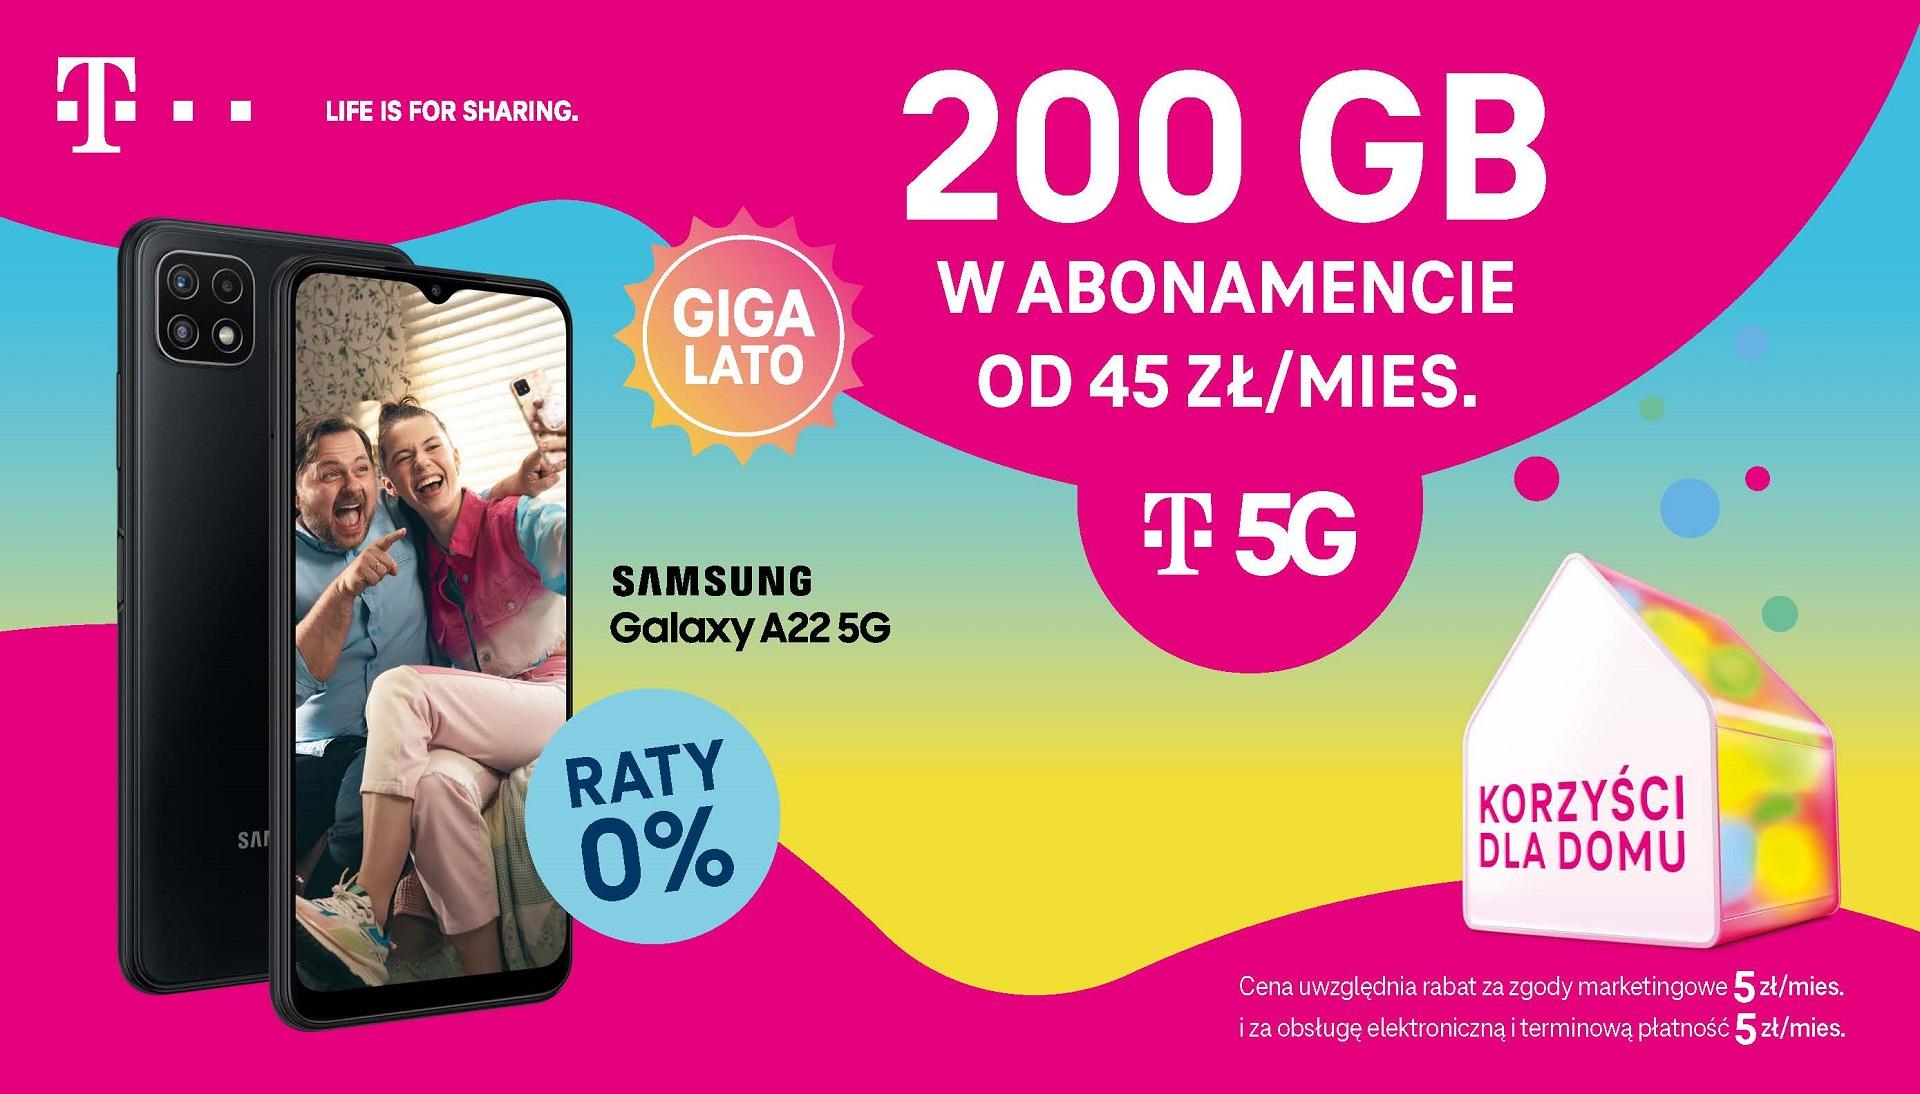 Rozpocznij GIGAlato z T-Mobile i odbierz największą paczkę gigabajtów w Polsce